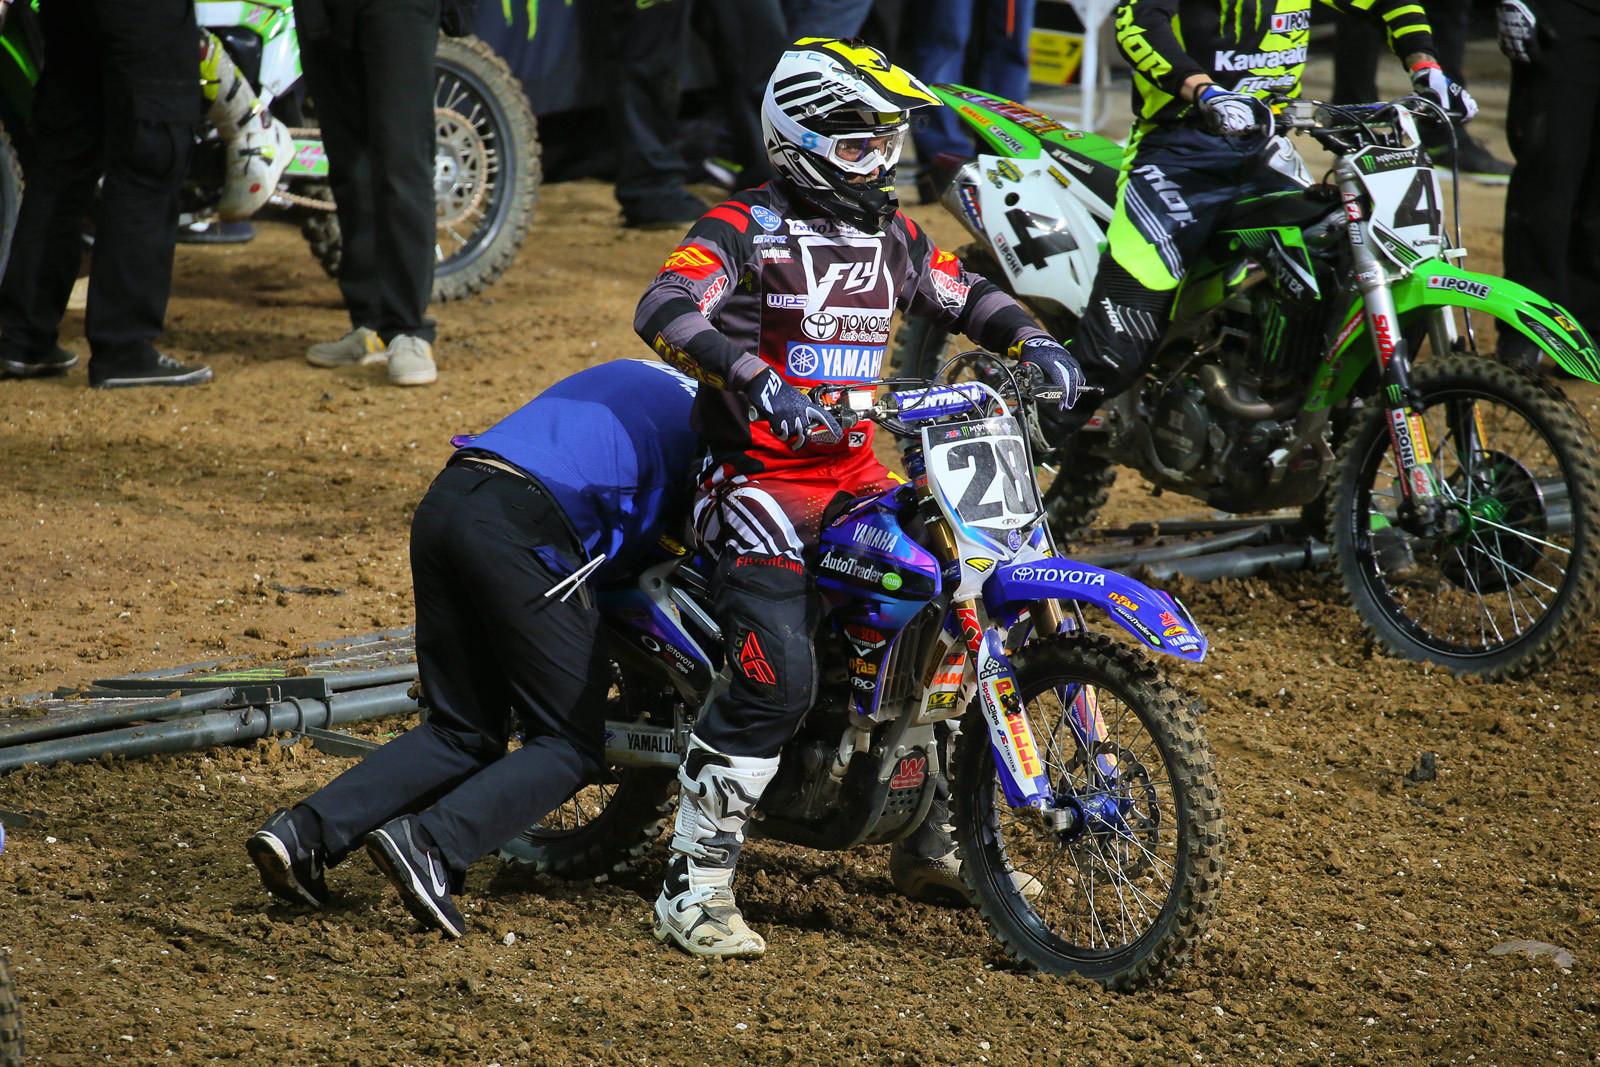 Rear link - Vital MX Pit Bits: Paris-Lille Supercross - Motocross Pictures - Vital MX